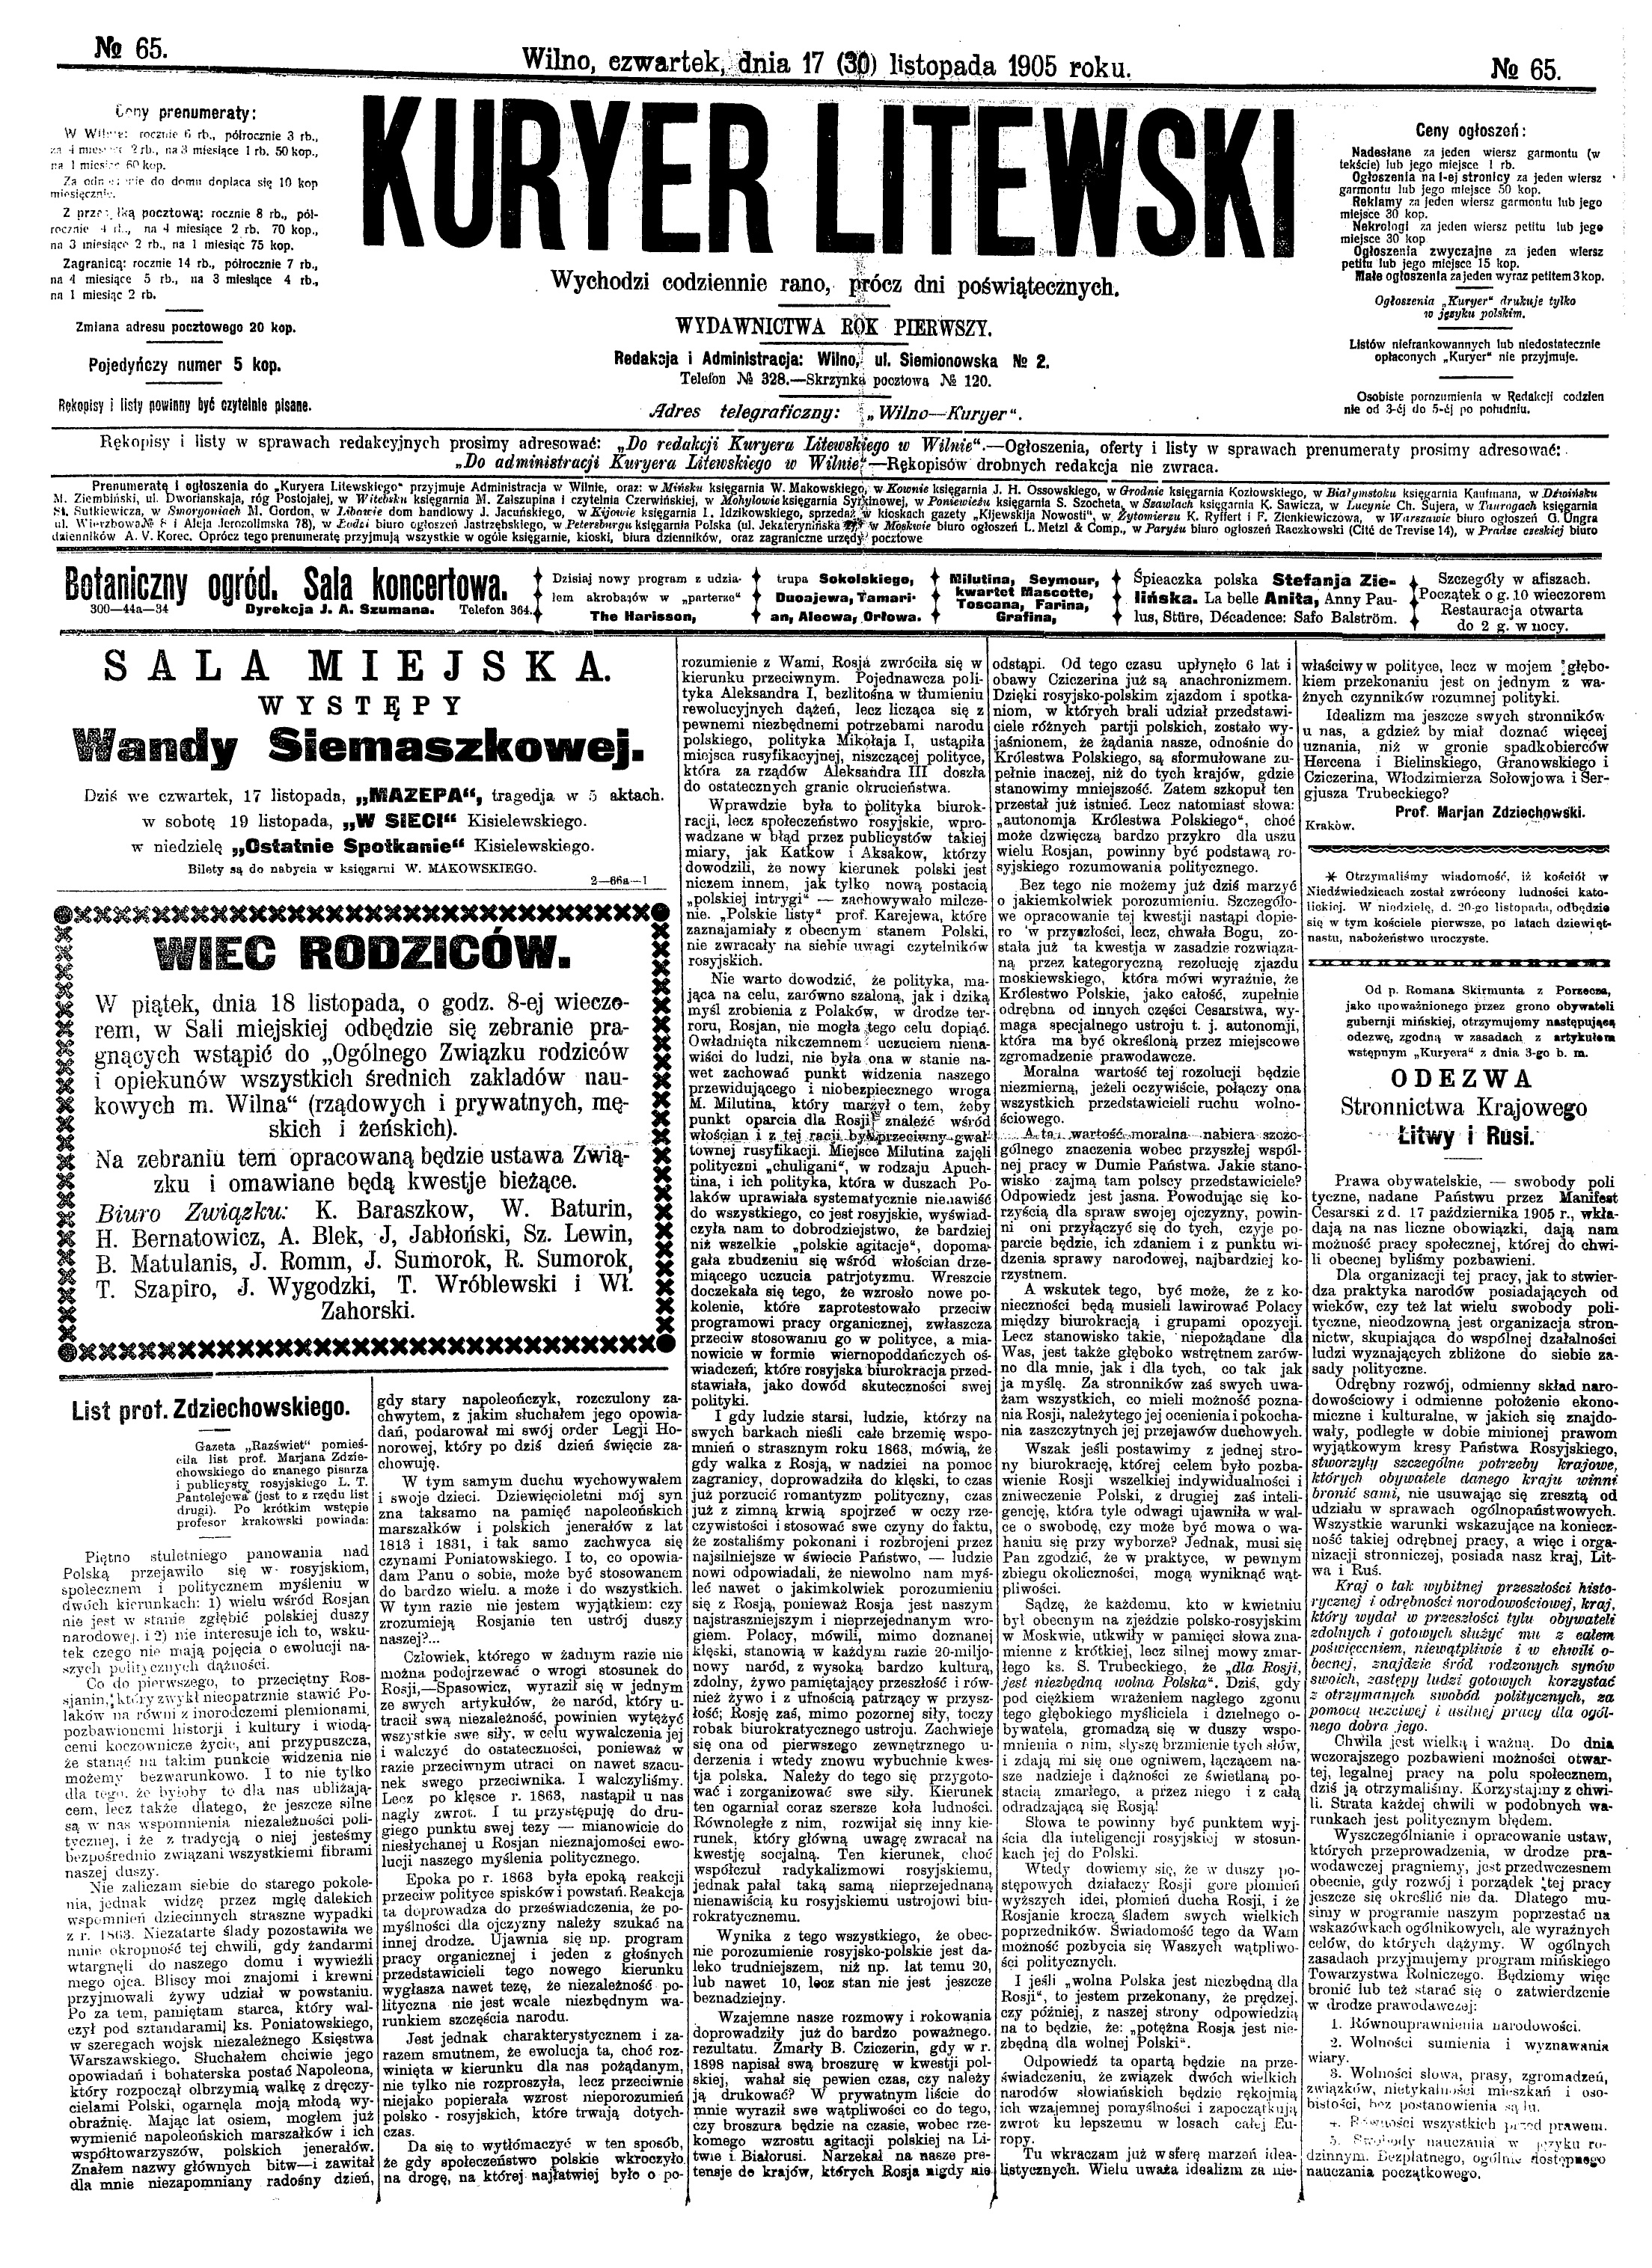 Fileroman Skirmunt Artykul Kuryer Litewski 1905 65 S 1jpg